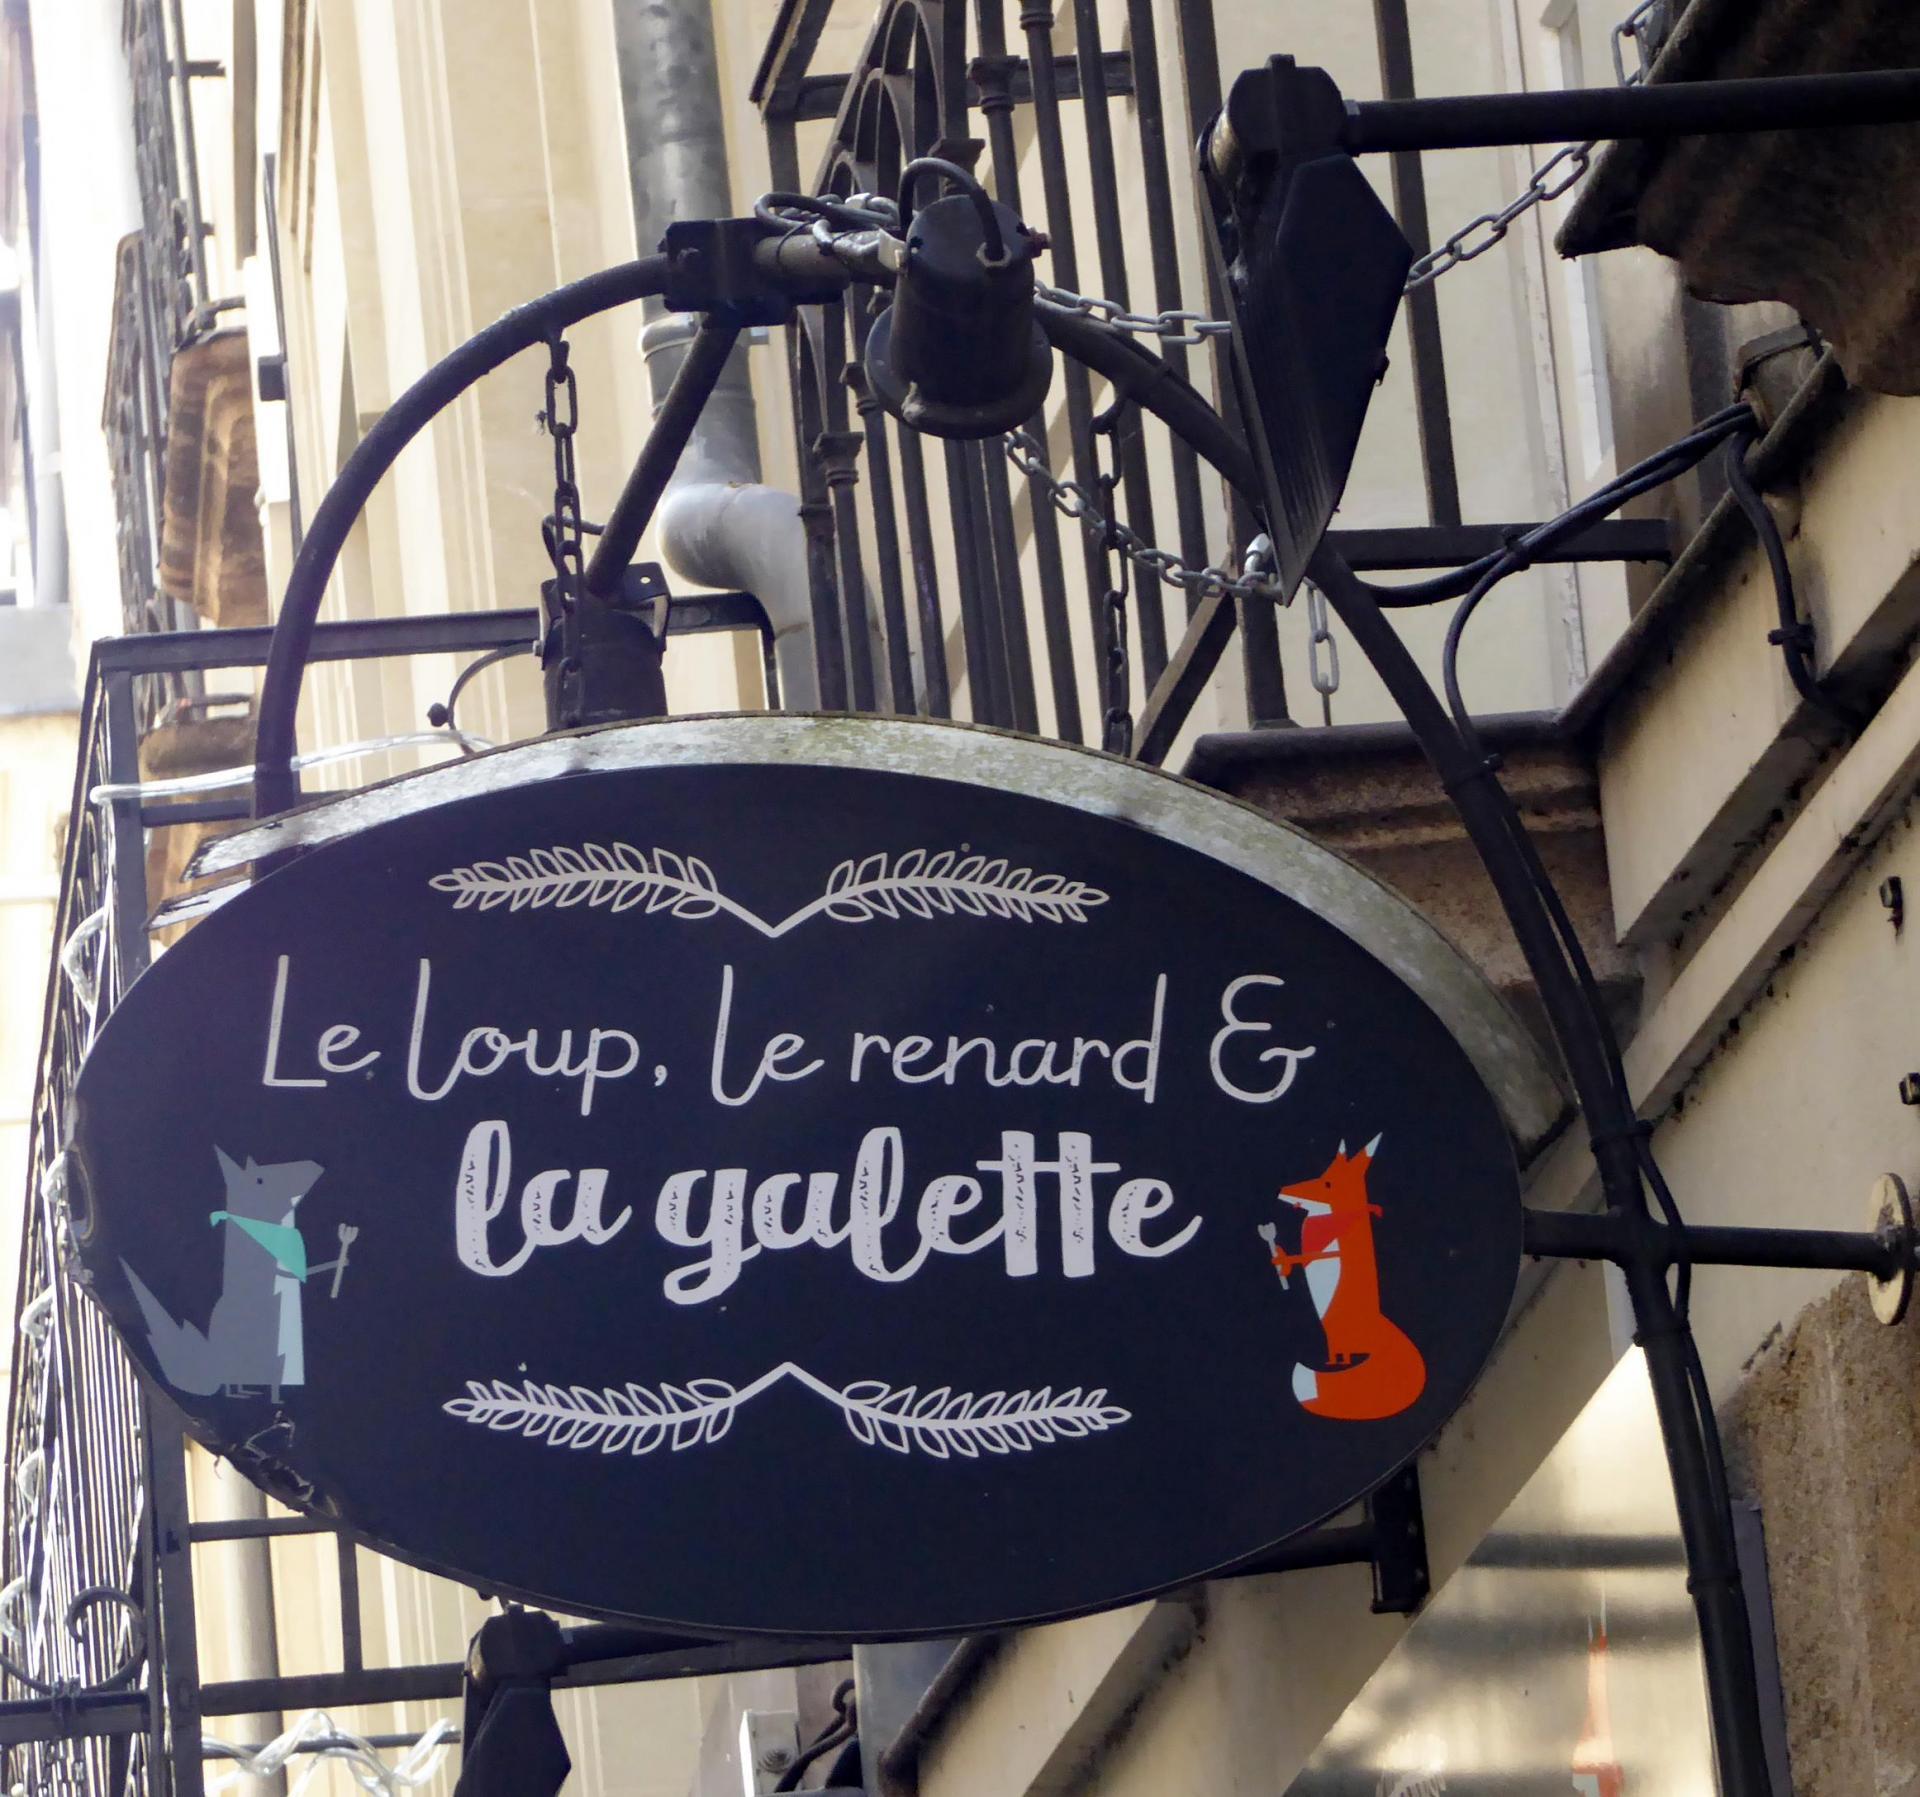 Le loup, le renard et la galette (crêperie) - Nantes